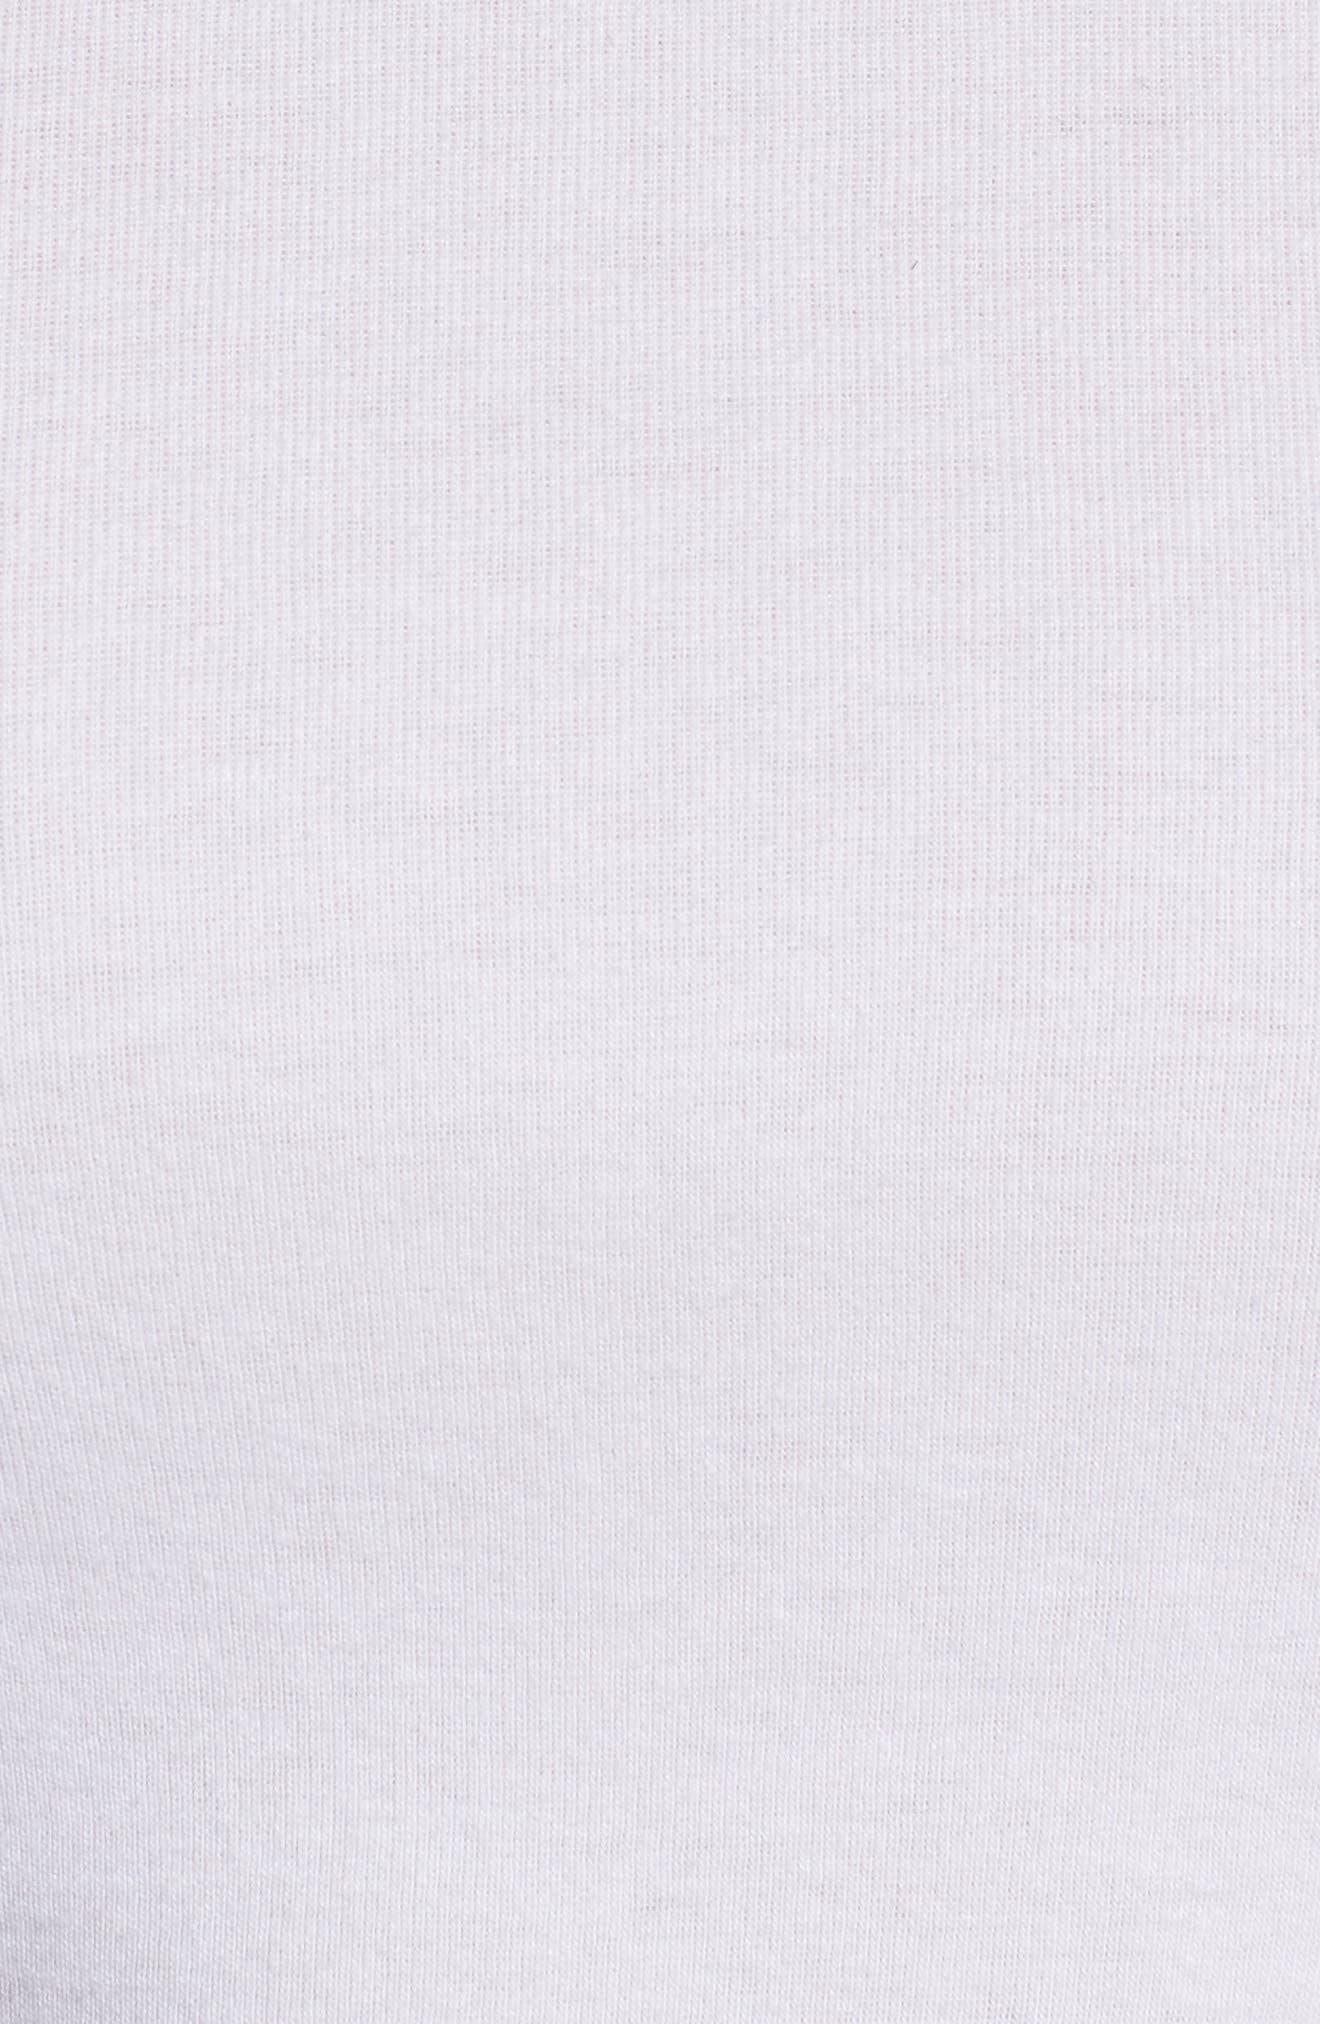 Crewneck Cotton Blend Top,                             Alternate thumbnail 5, color,                             White